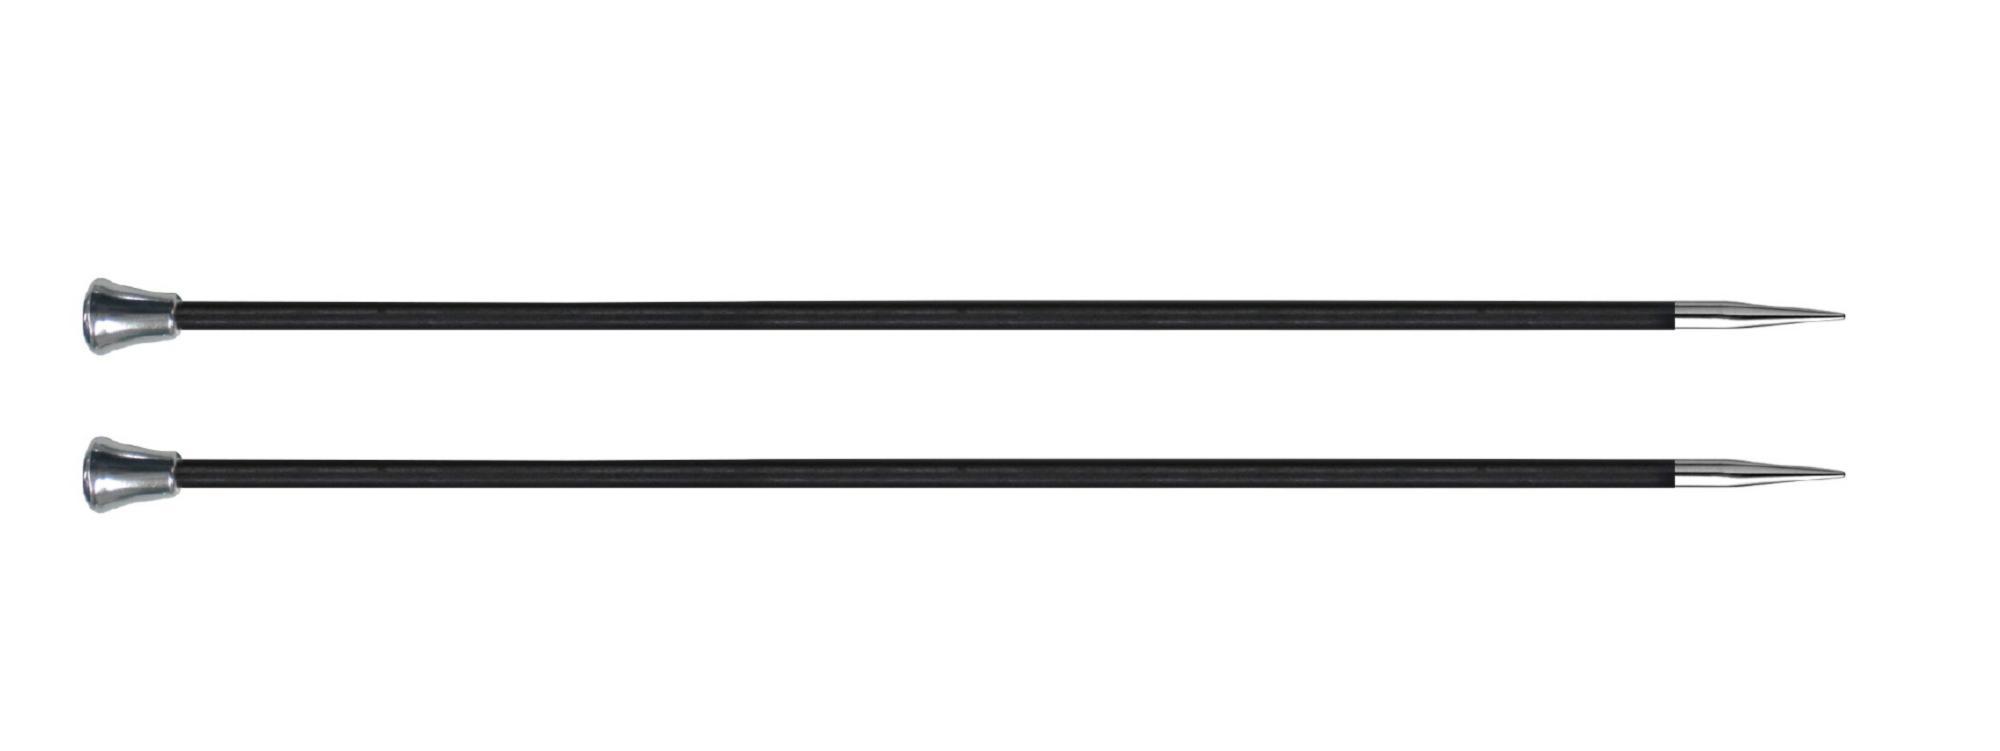 Спицы прямые 35 см Karbonz KnitPro, 41287, 3.75 мм